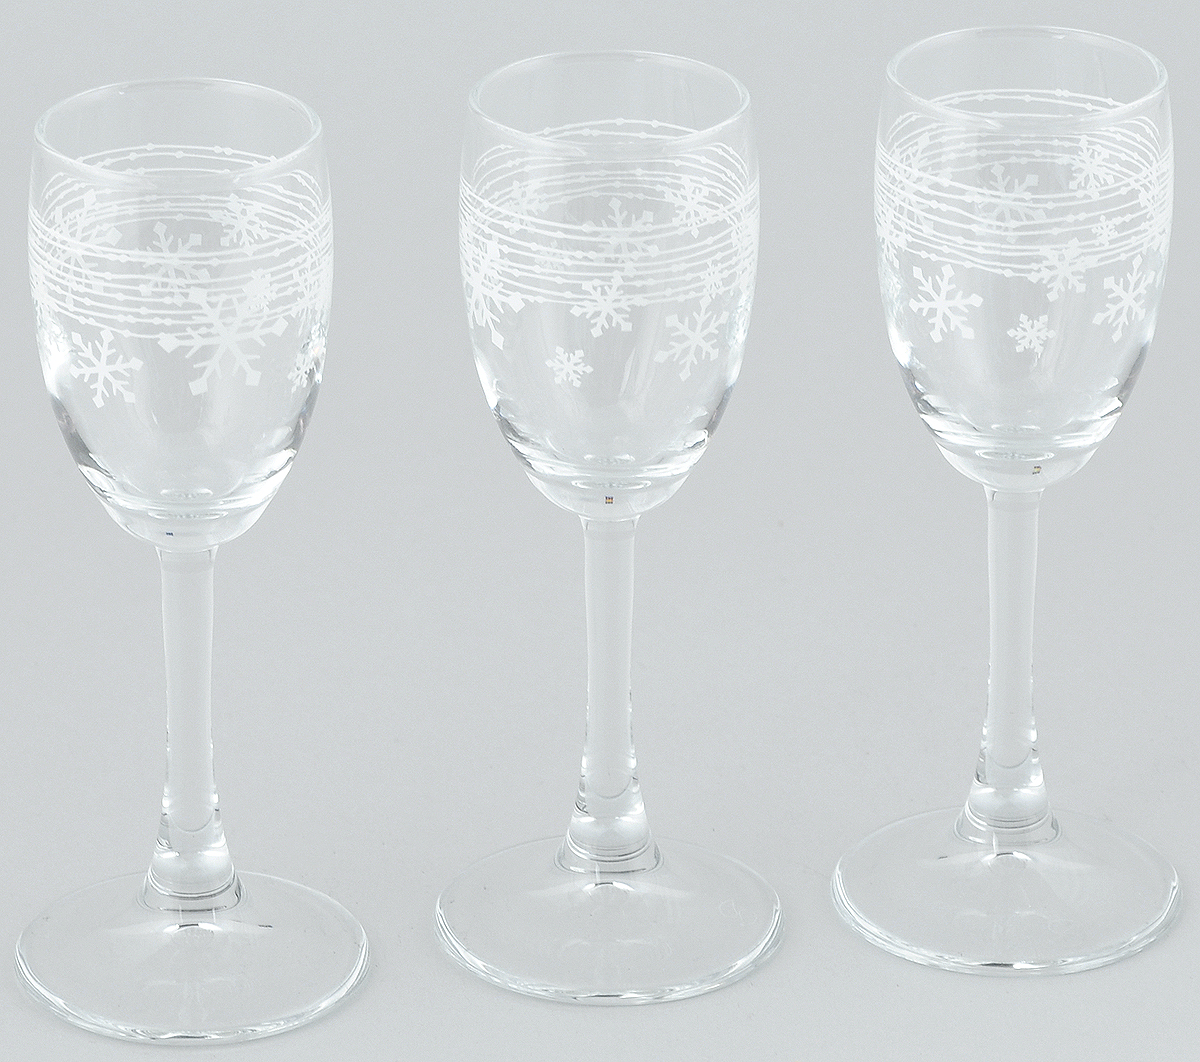 Набор рюмок Pasabahce Workshop Snowflake, 60 мл, 3 штVT-1520(SR)Набор Pasabahce Workshop Snowflake состоит из 3 рюмок, изготовленных из прочного натрий-кальций-силикатного стекла. Изделия, предназначенные для подачи ликера и других спиртных напитков, несомненно придутся вам по душе. Рюмки сочетают в себе элегантный дизайн и функциональность. Набор рюмок Pasabahce Workshop Snowflake идеально подойдет для сервировки стола и станет отличным подарком к любому празднику.Диаметр рюмки по верхнему краю: 4 см. Высота рюмки: 14 см.